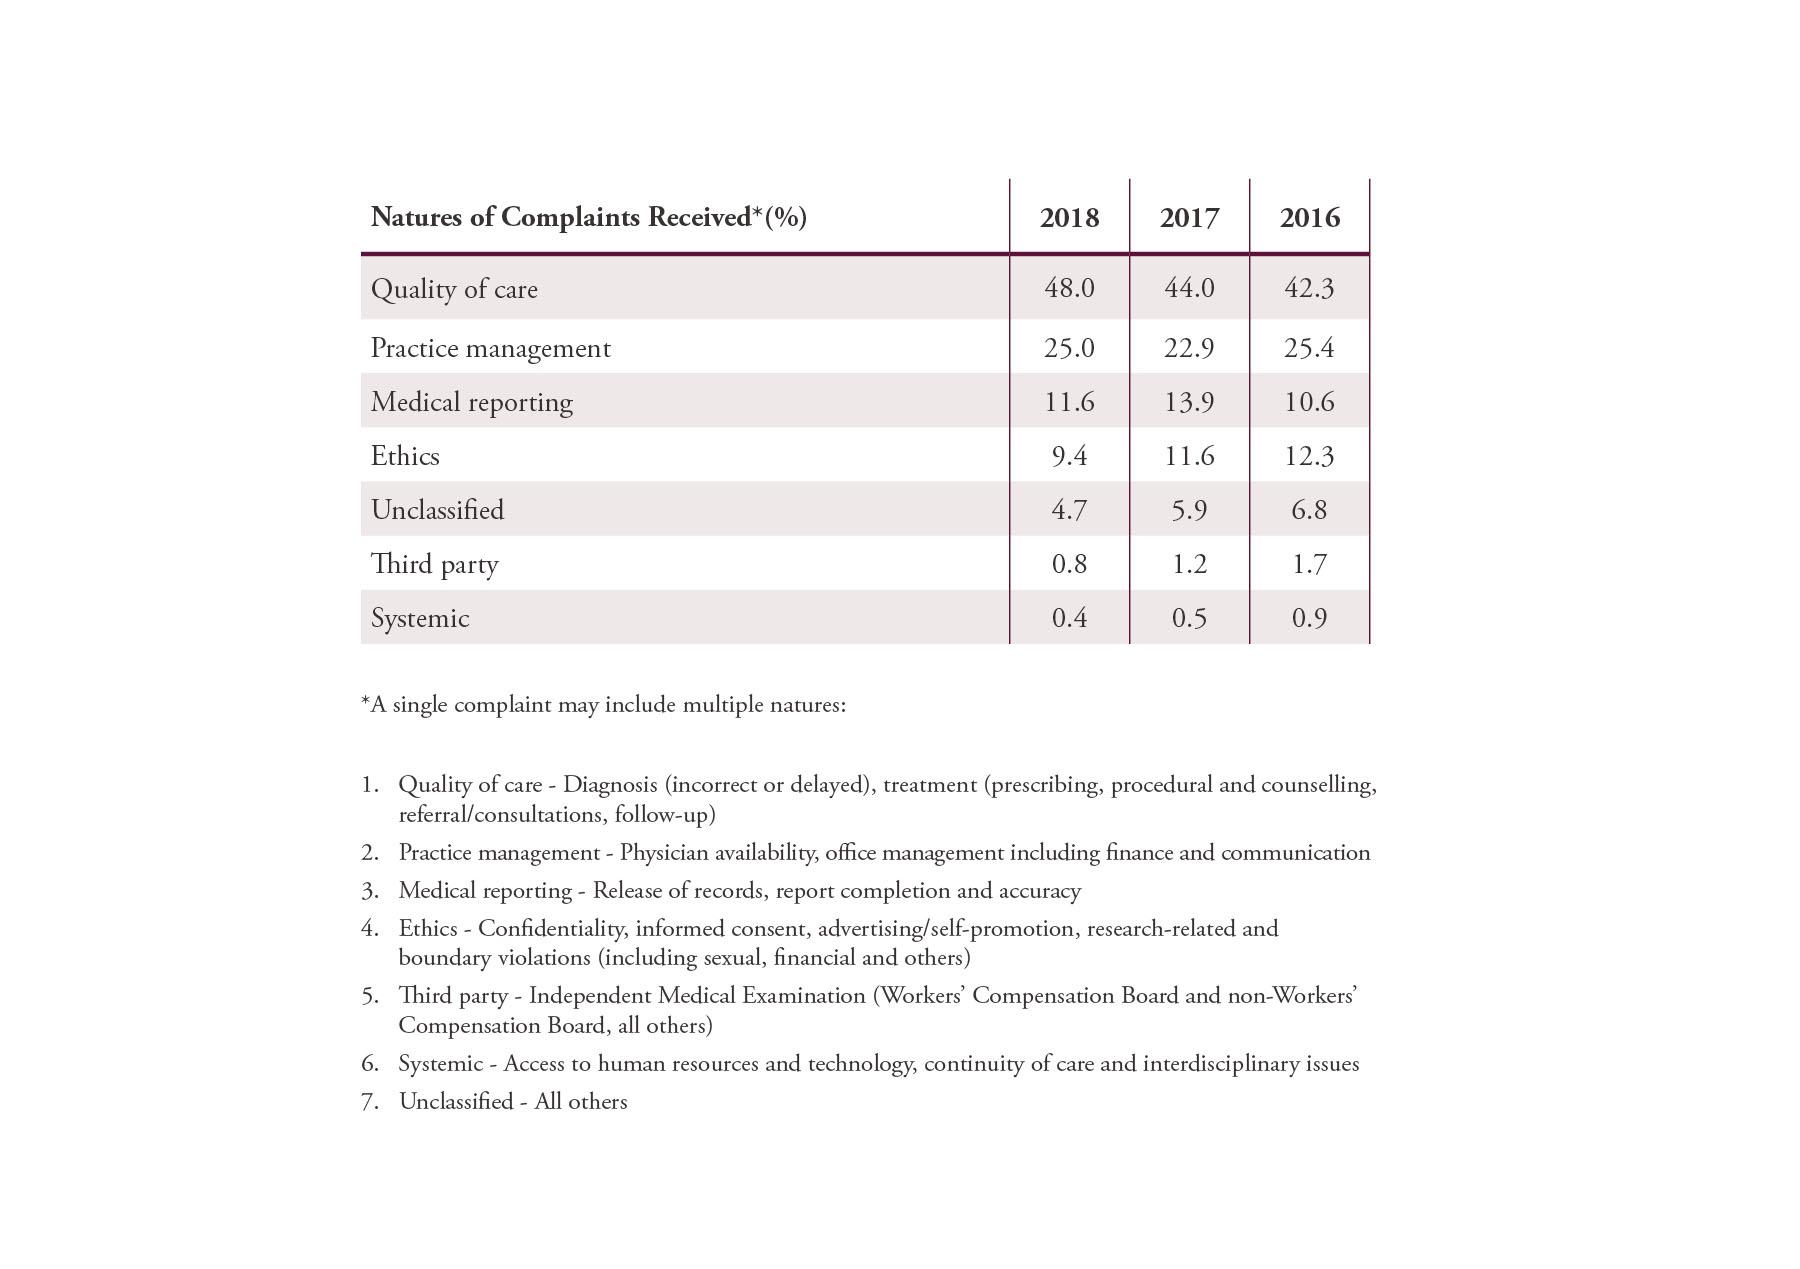 CPSA_AnnualReport_Tables_032919-27.jpg